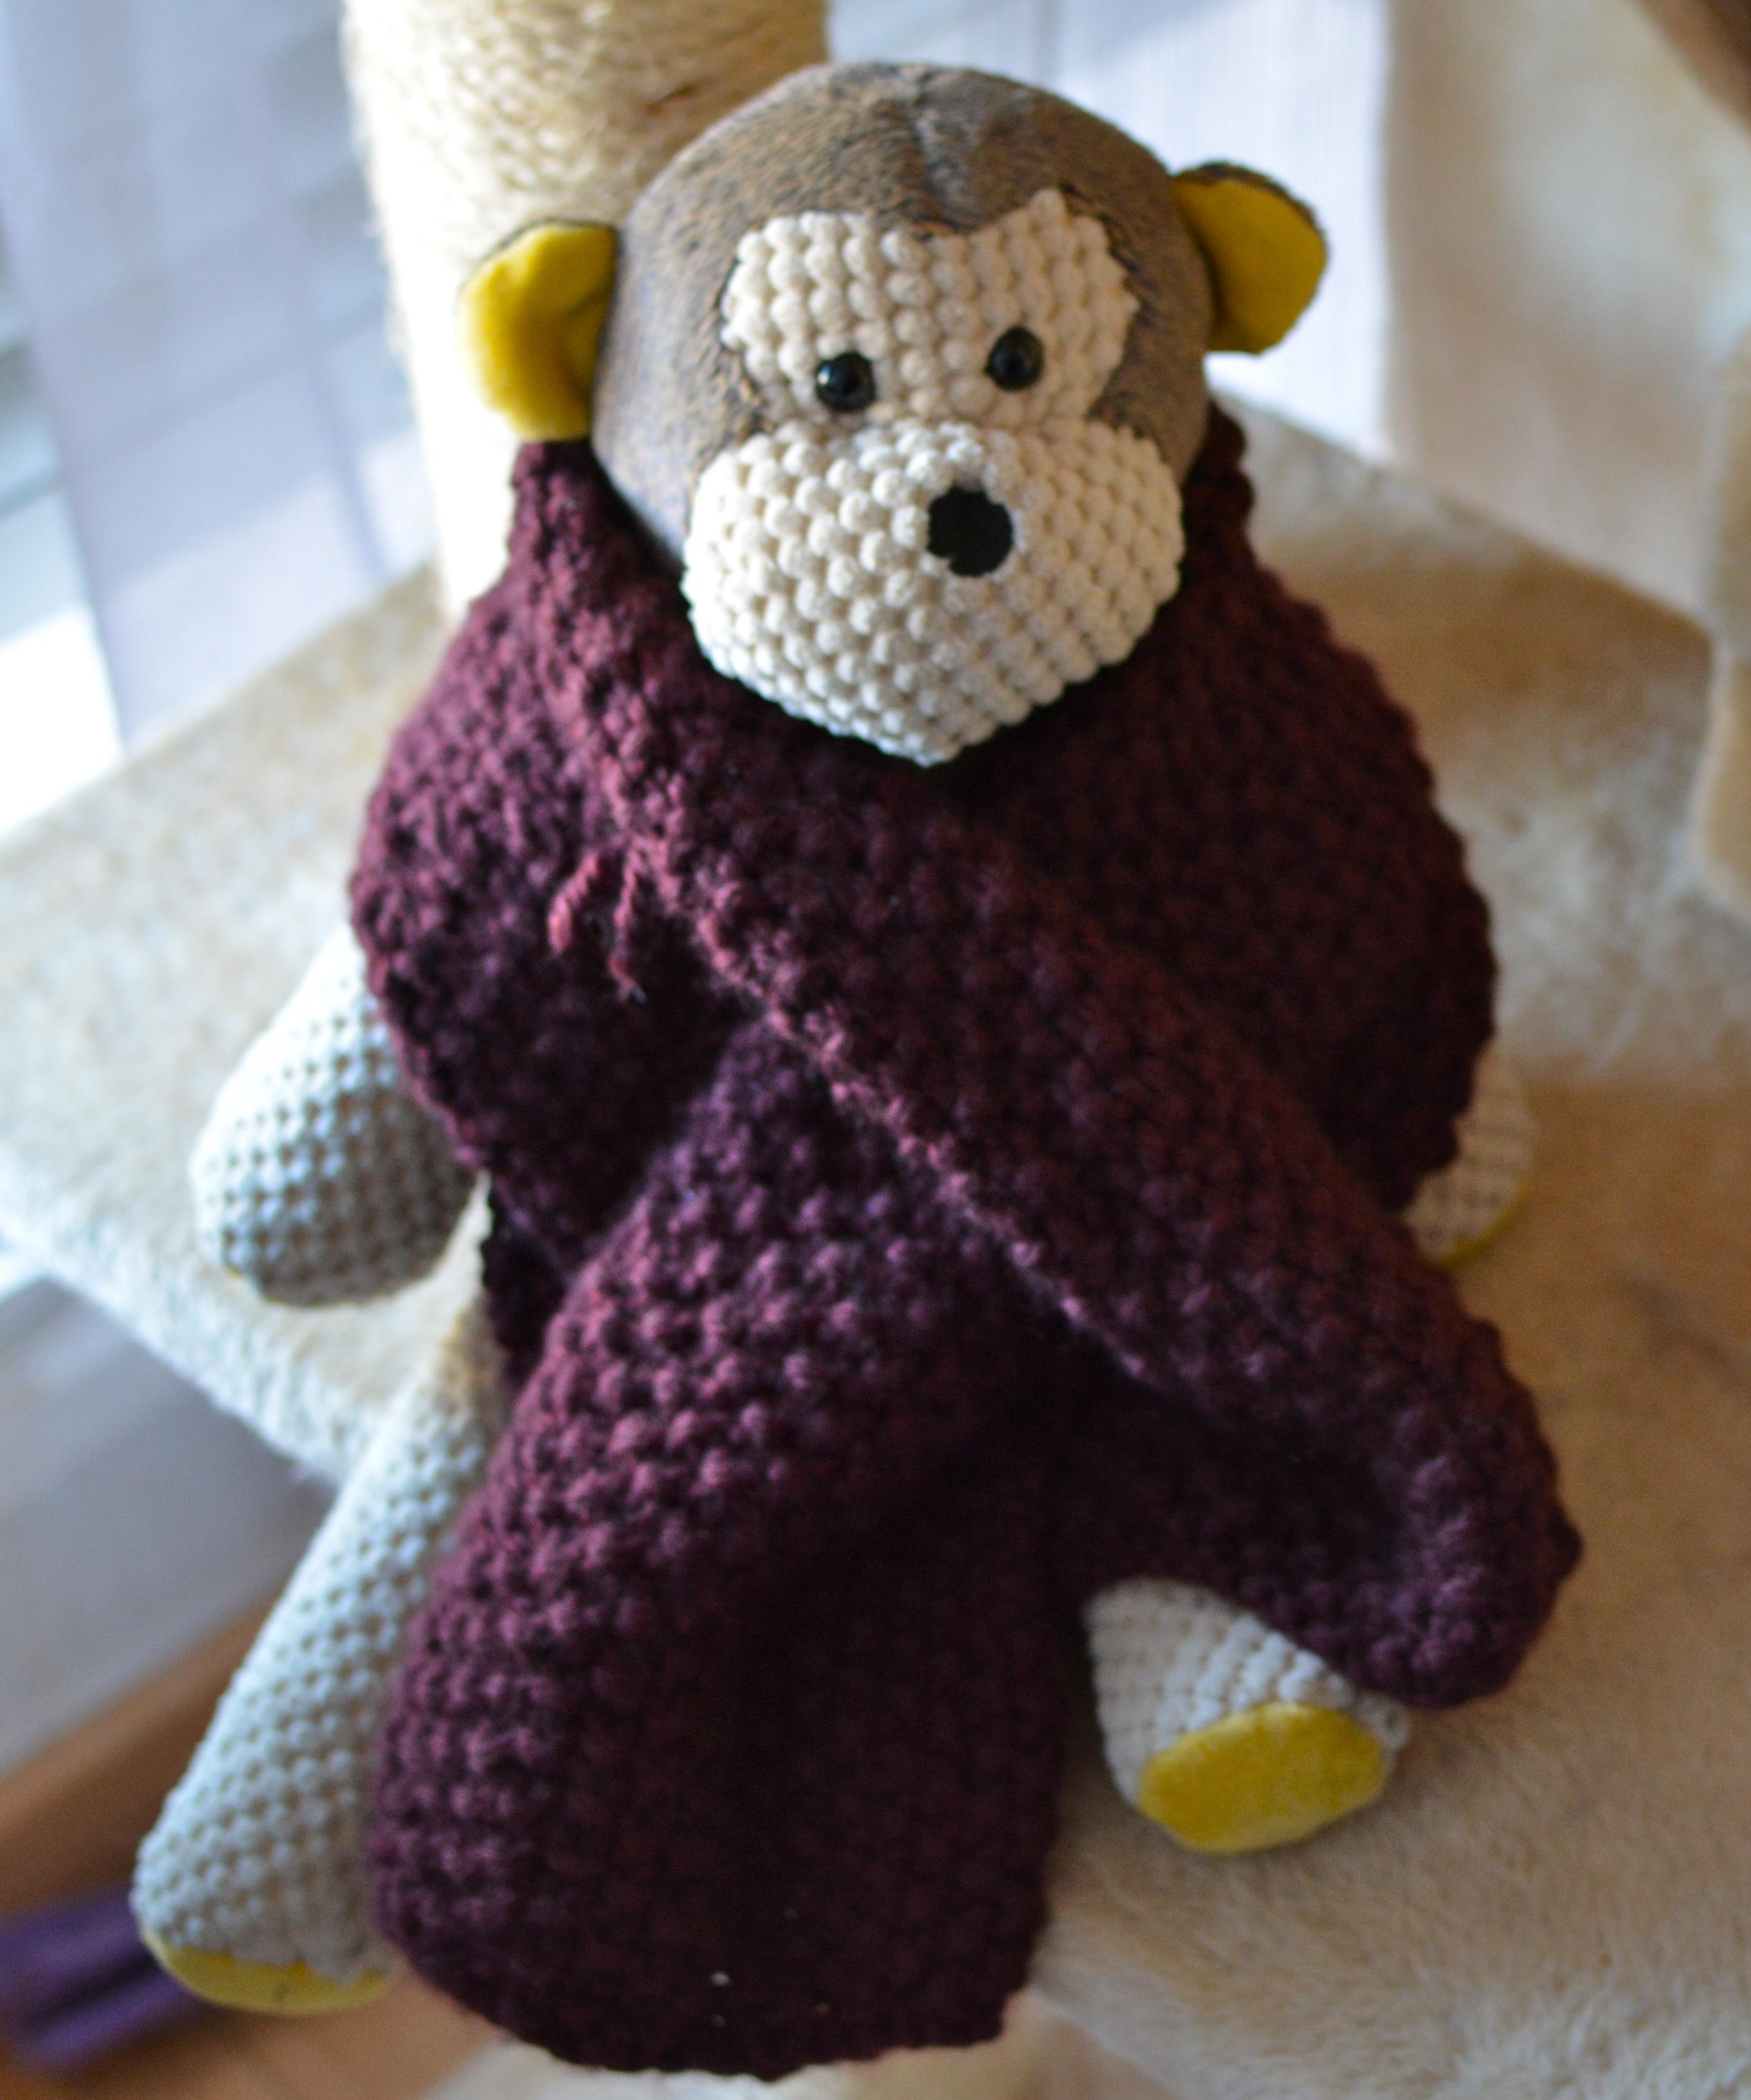 e9f189dbc2ab C est en tombant sur une écharpe de mon compagnon avec une fente que j ai  eu envie de m en tricoter une. Après quelques recherches, j ai trouvé un ...